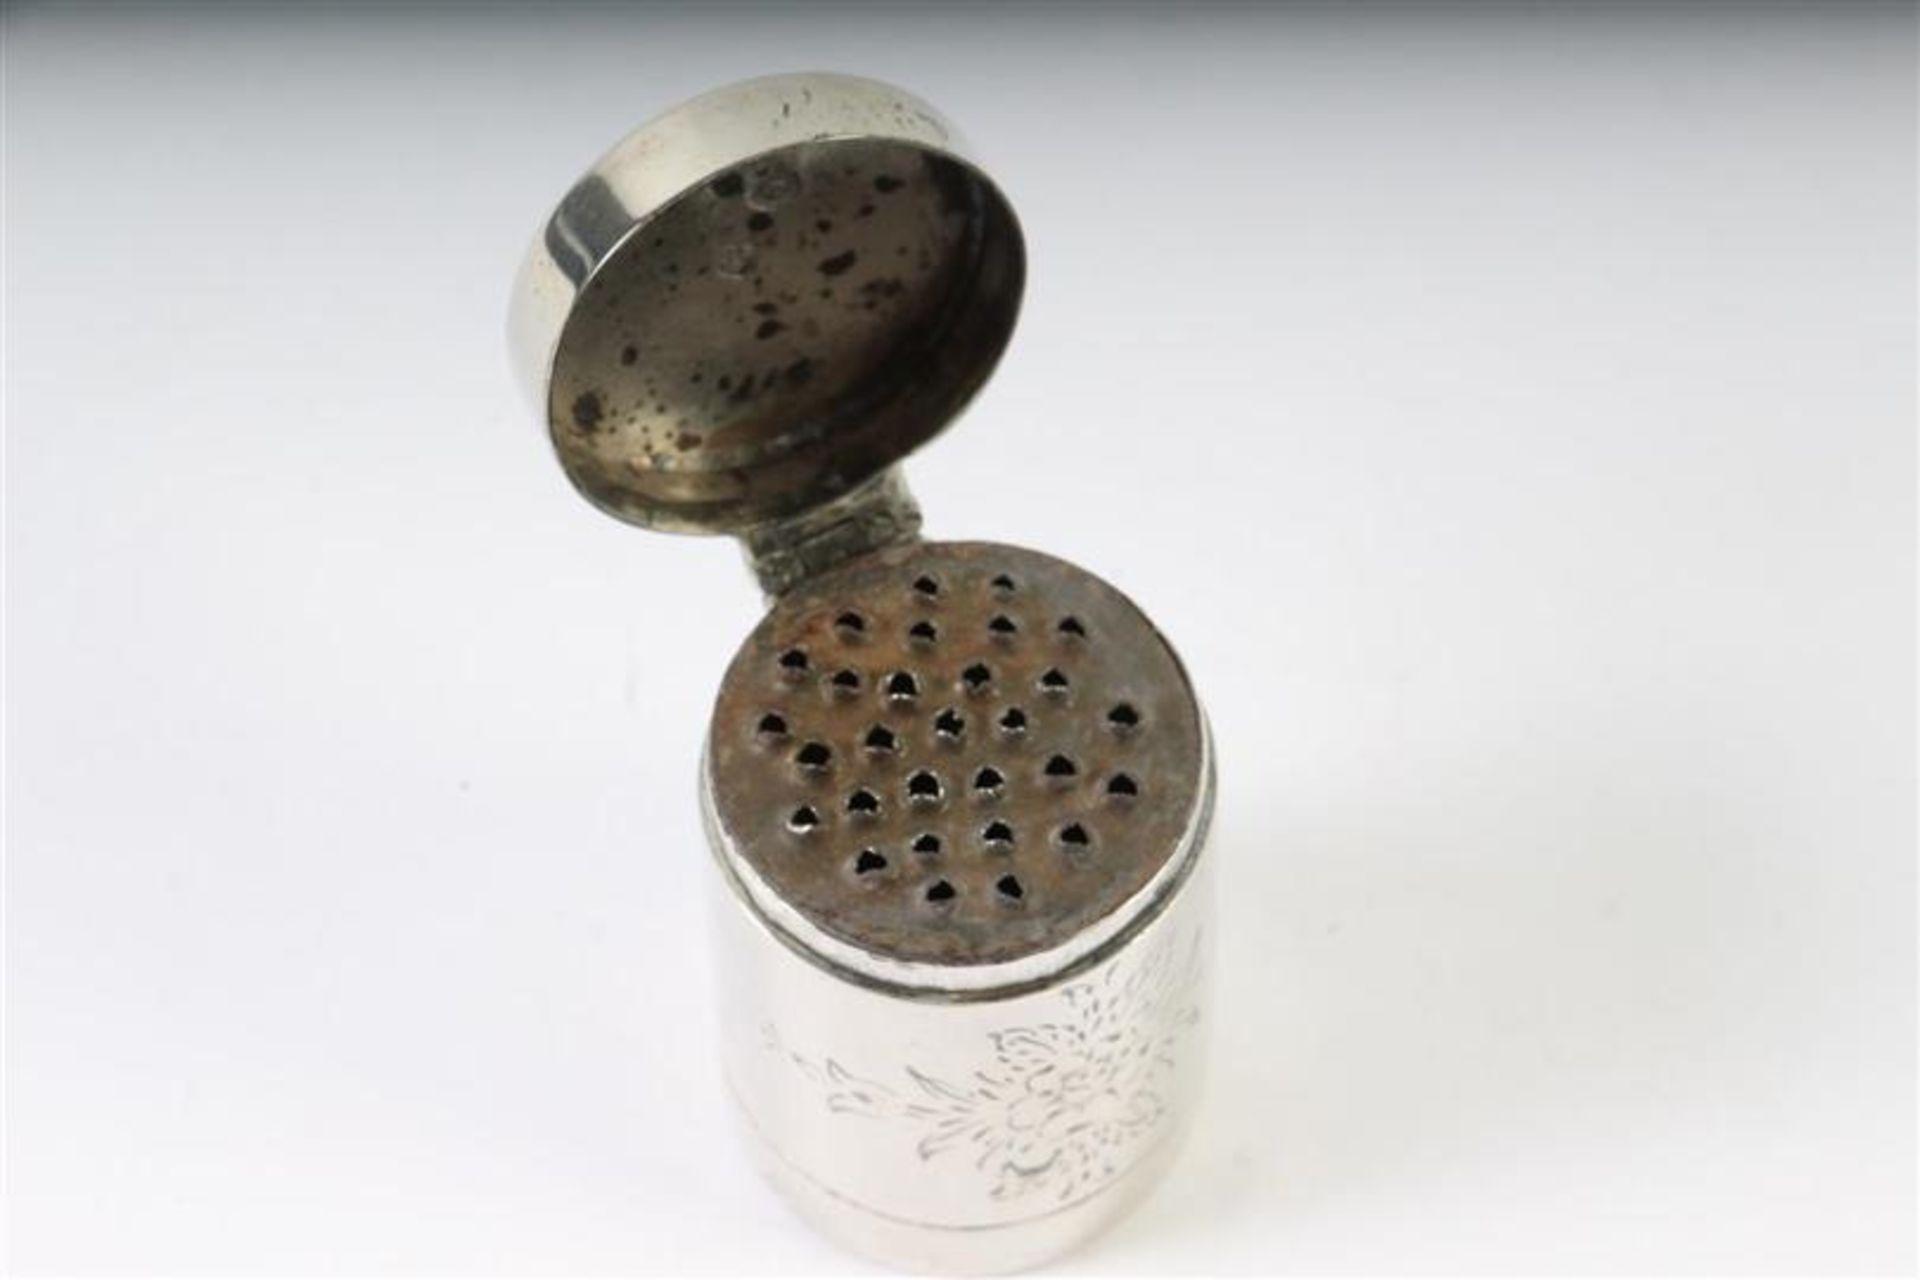 Los 37 - Zilveren nootmuskaatdoosje met floraal decor, Hollands gekeurd. H: 4.3 cm.